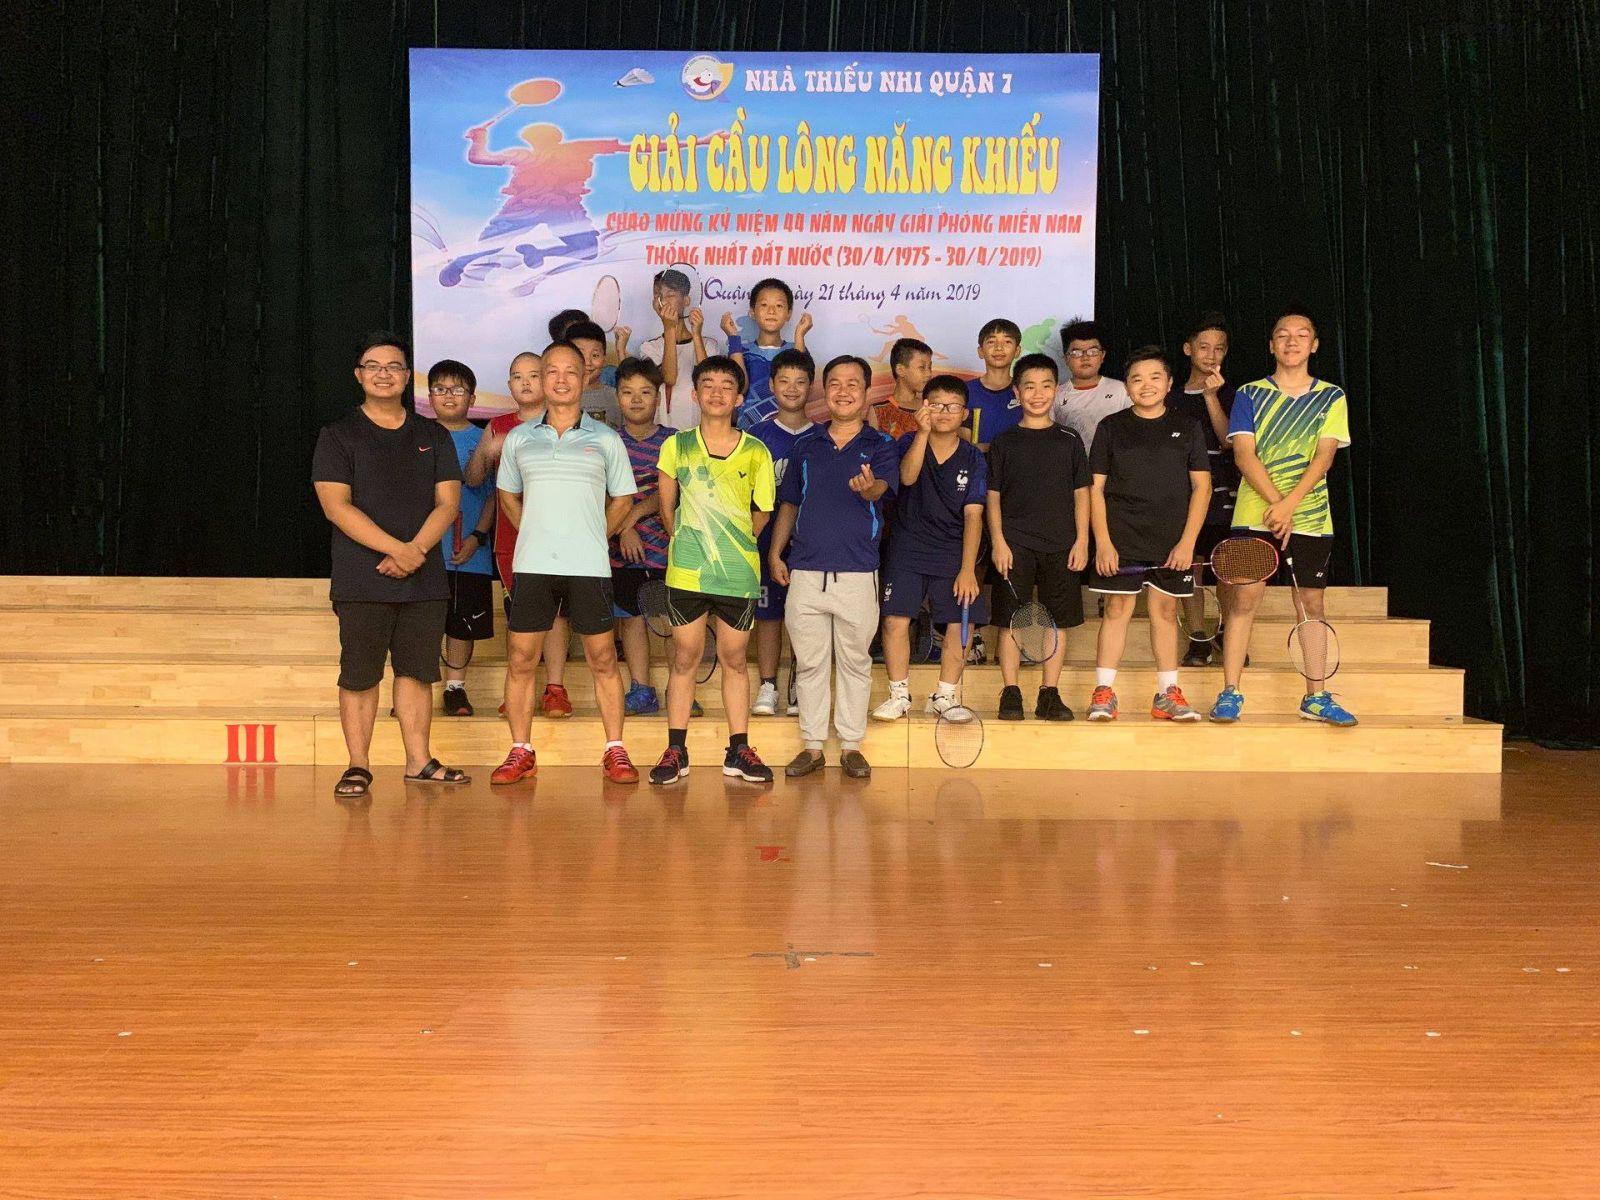 Giải cầu lông năng khiếu năm 2019